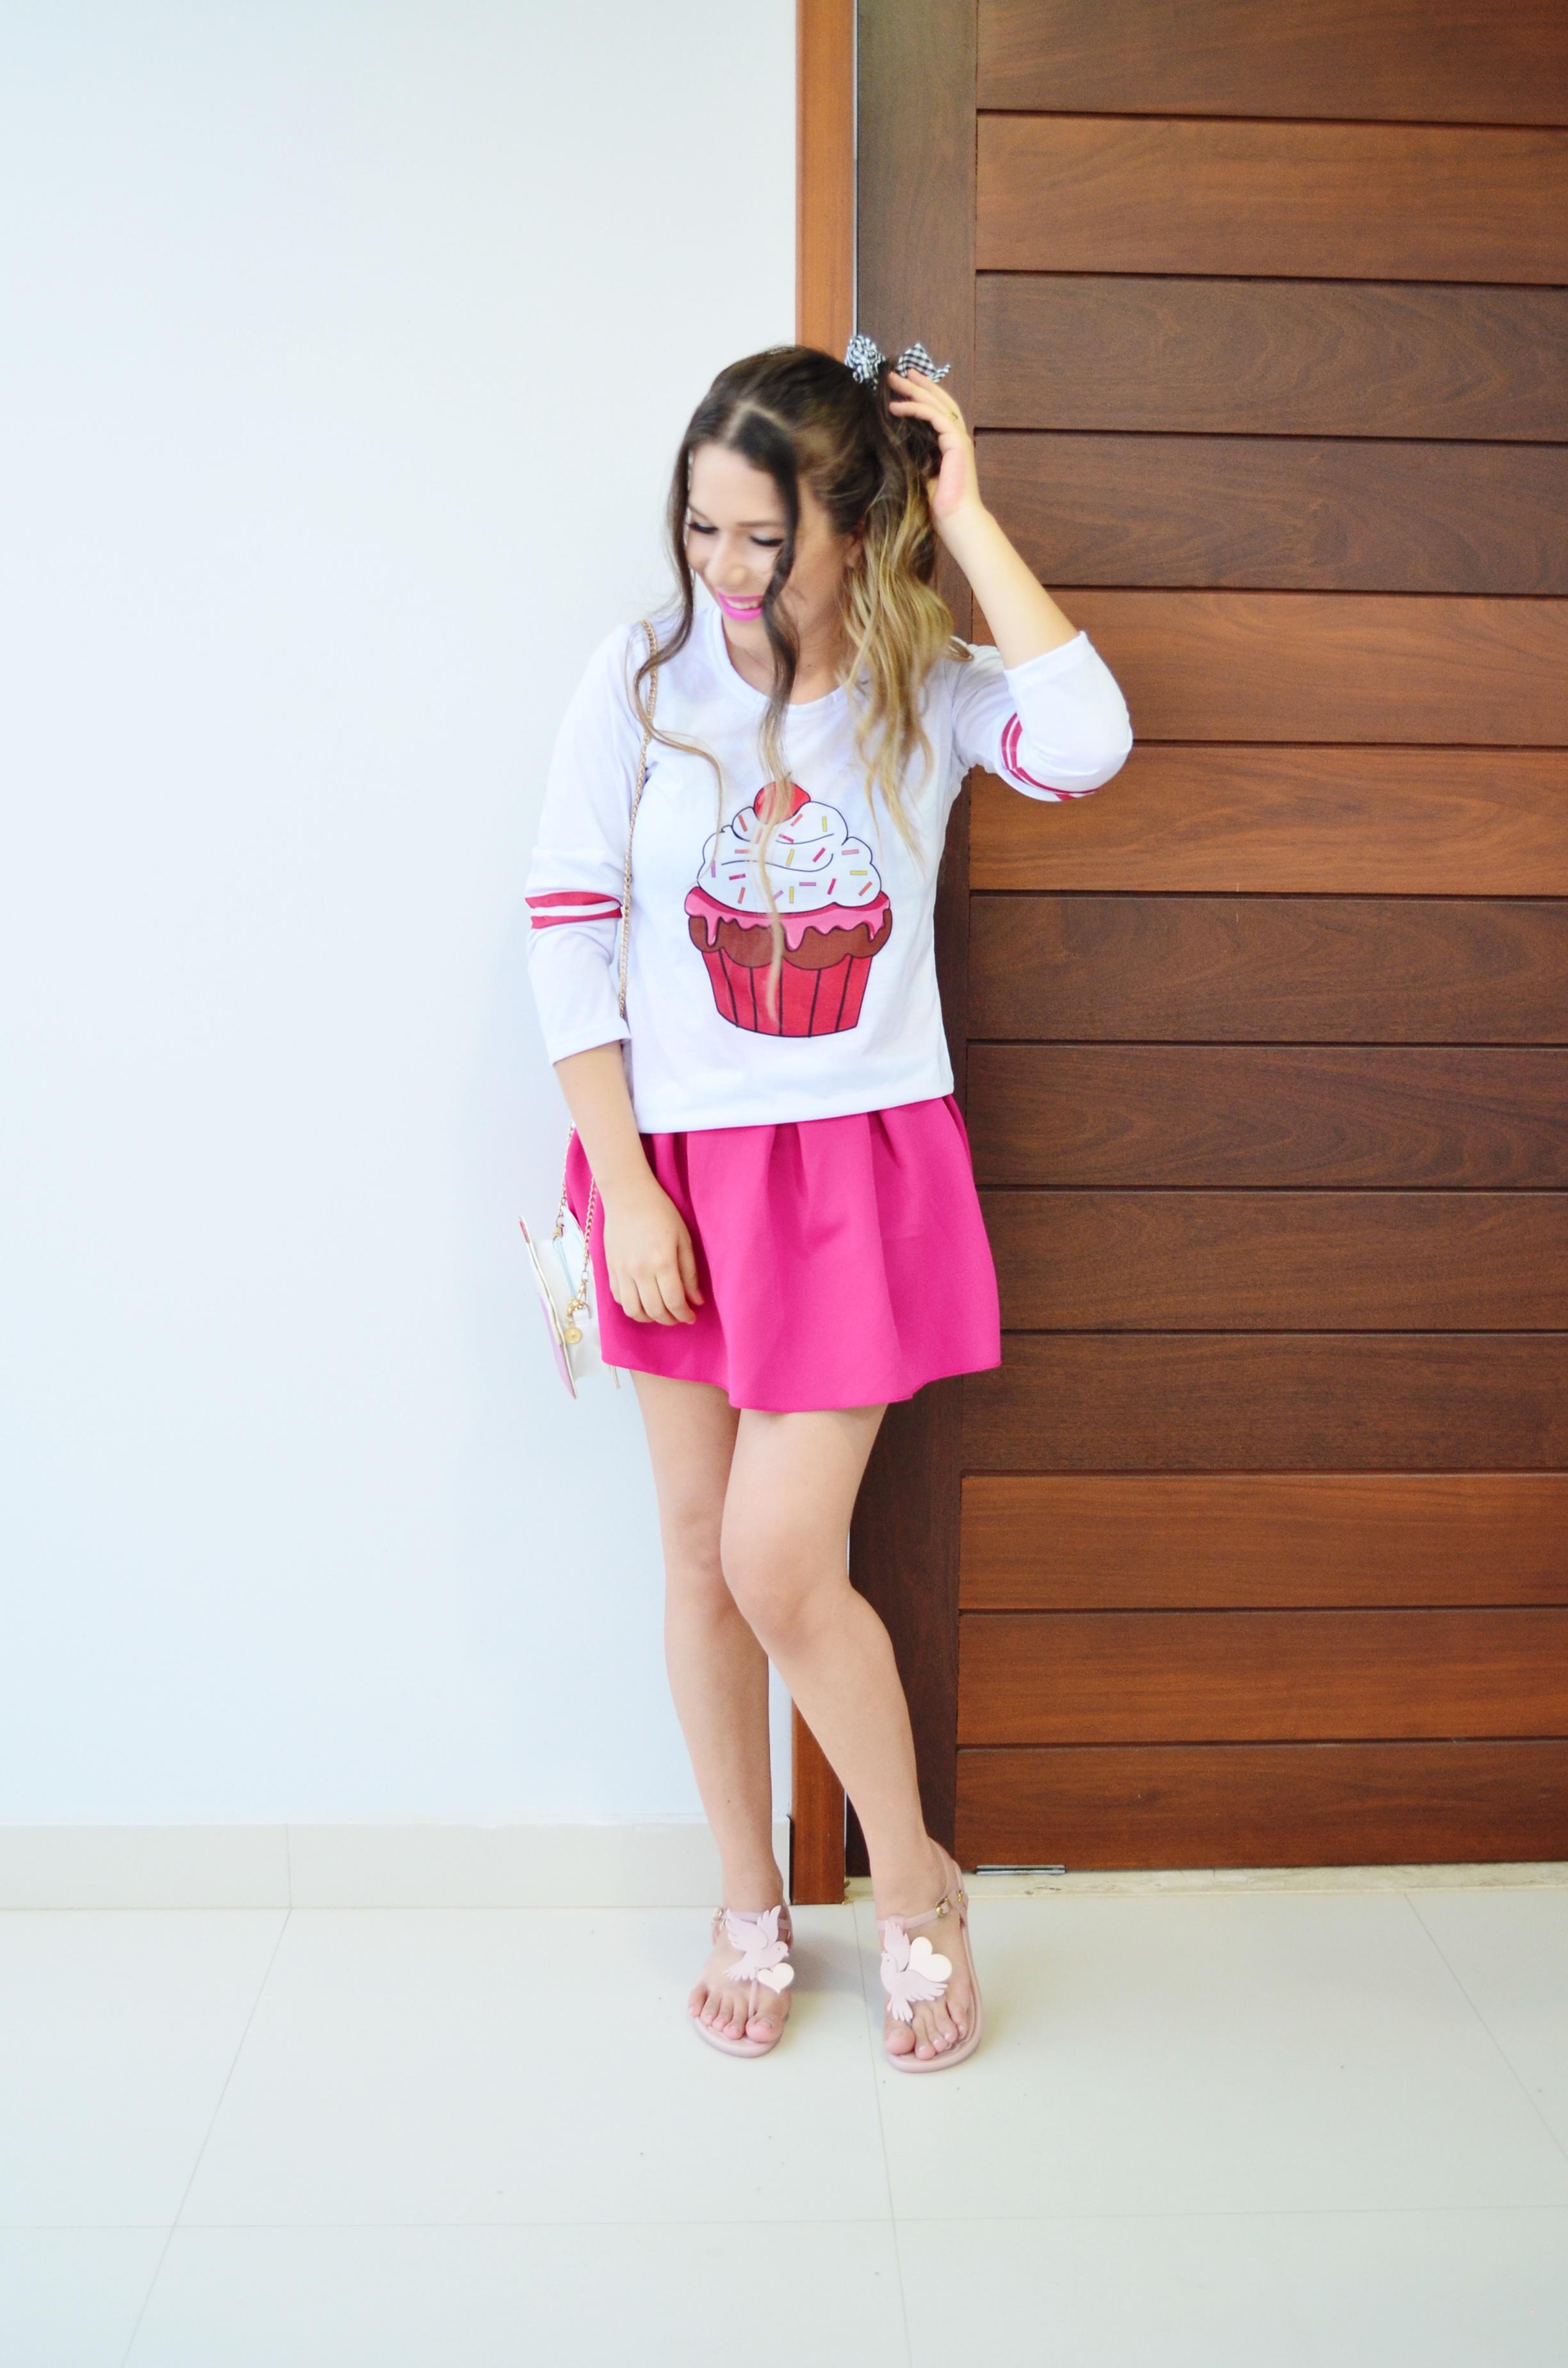 look-melissa-vivienne-westwood-anglomania-melissa-solar-ii-camisa-cupcake-e-saia-pink-2